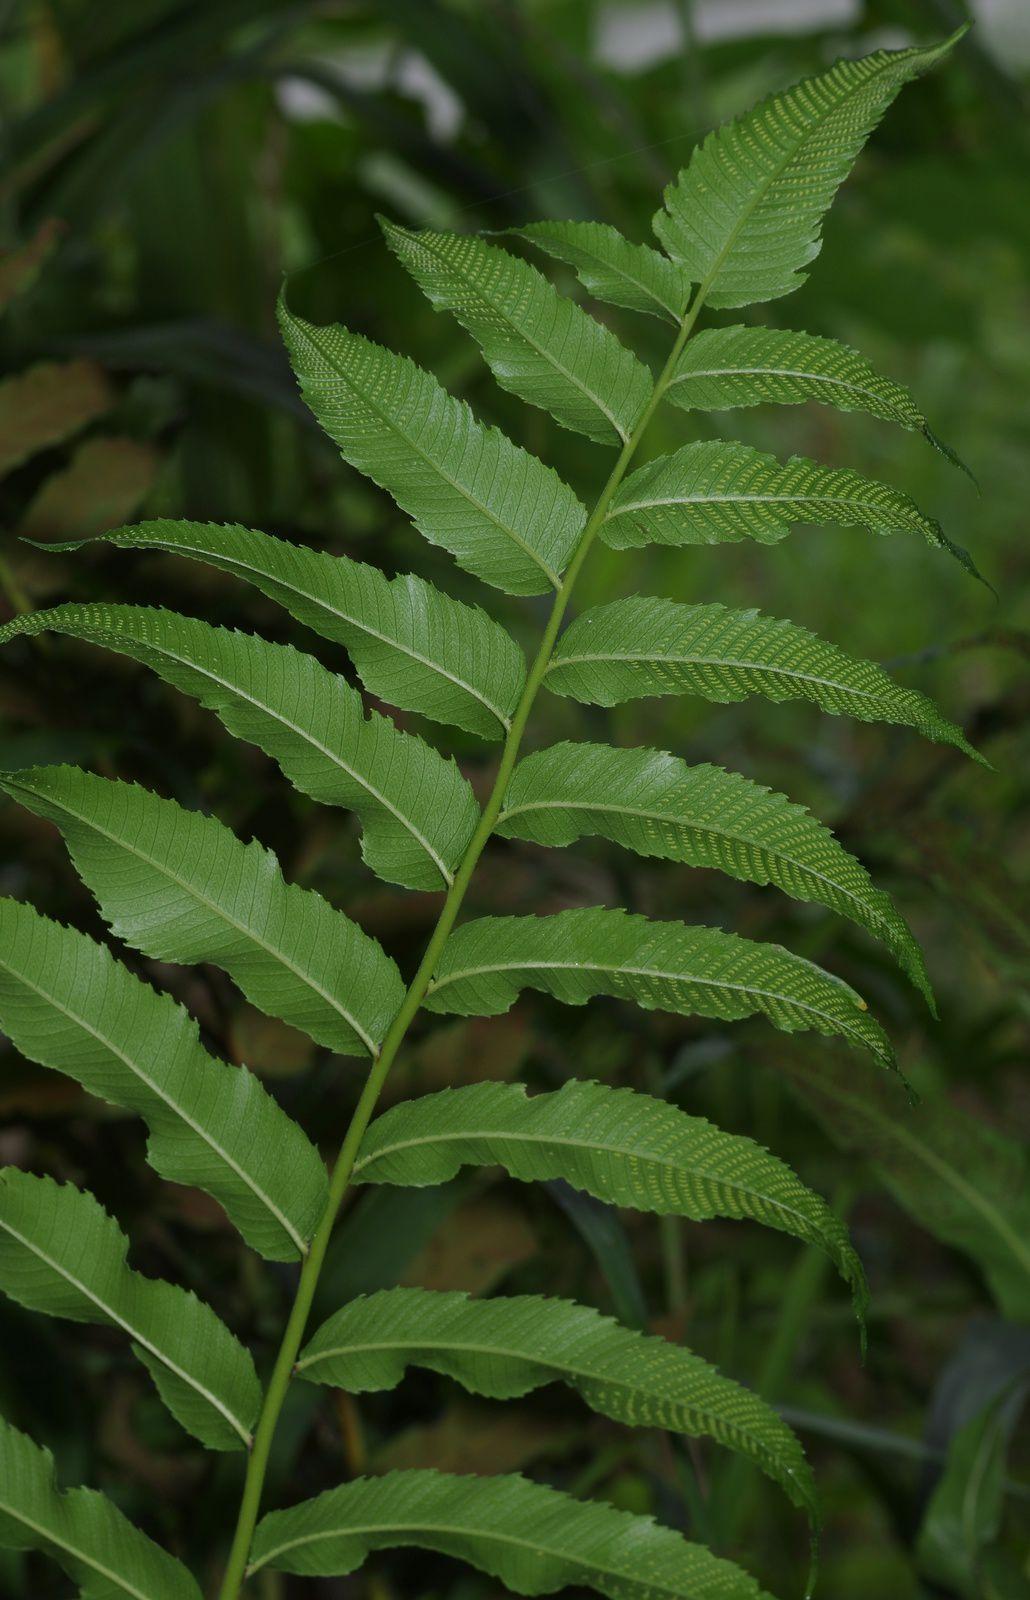 Meniscium serratum